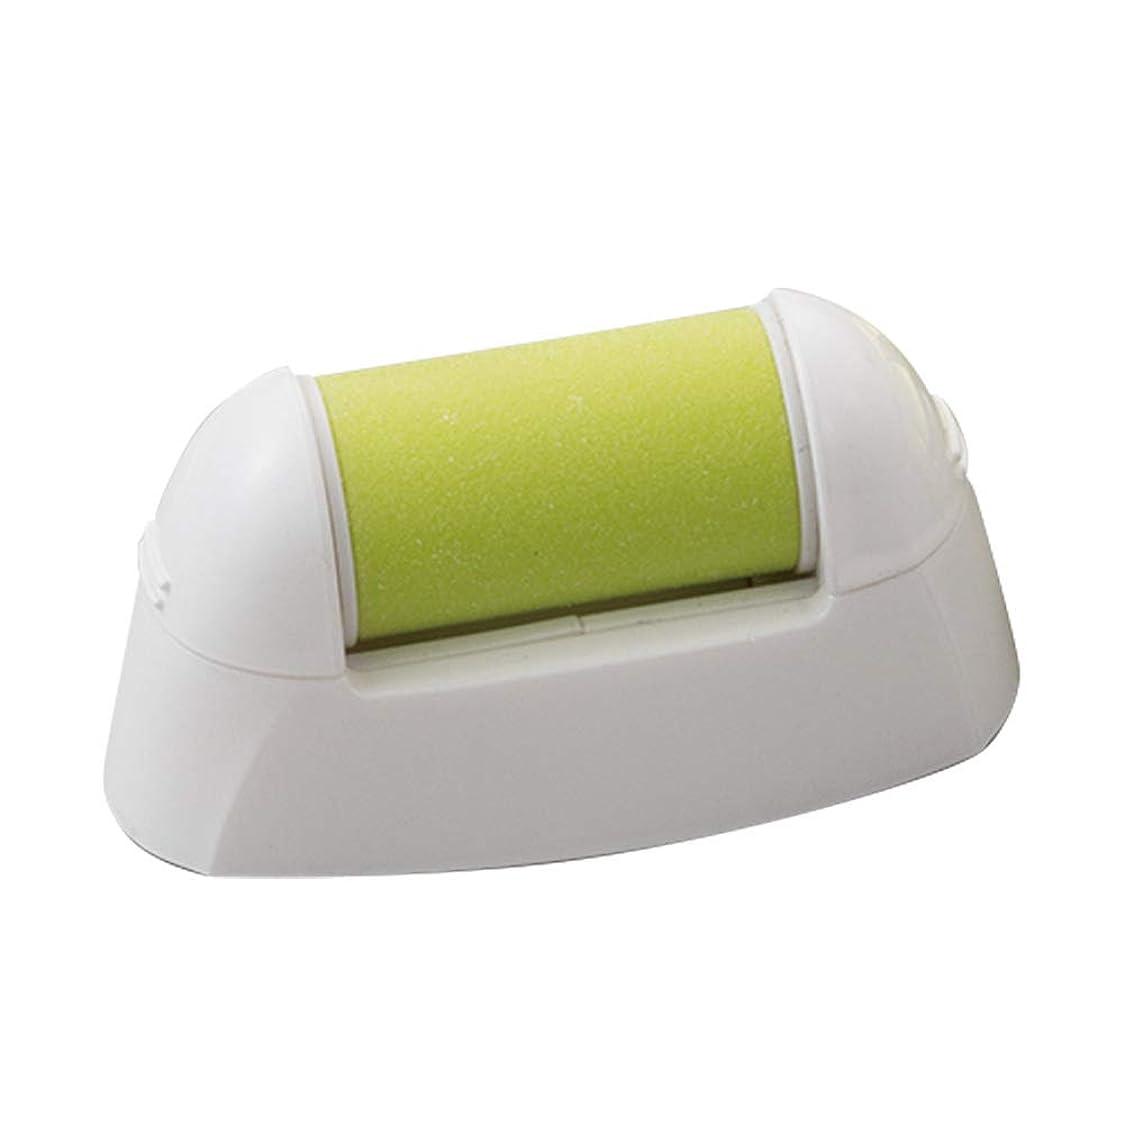 注ぎますパンチ香水マリン商事 電動爪削りLeaf 専用角質ローラー 替えローラー土台付き El-90141